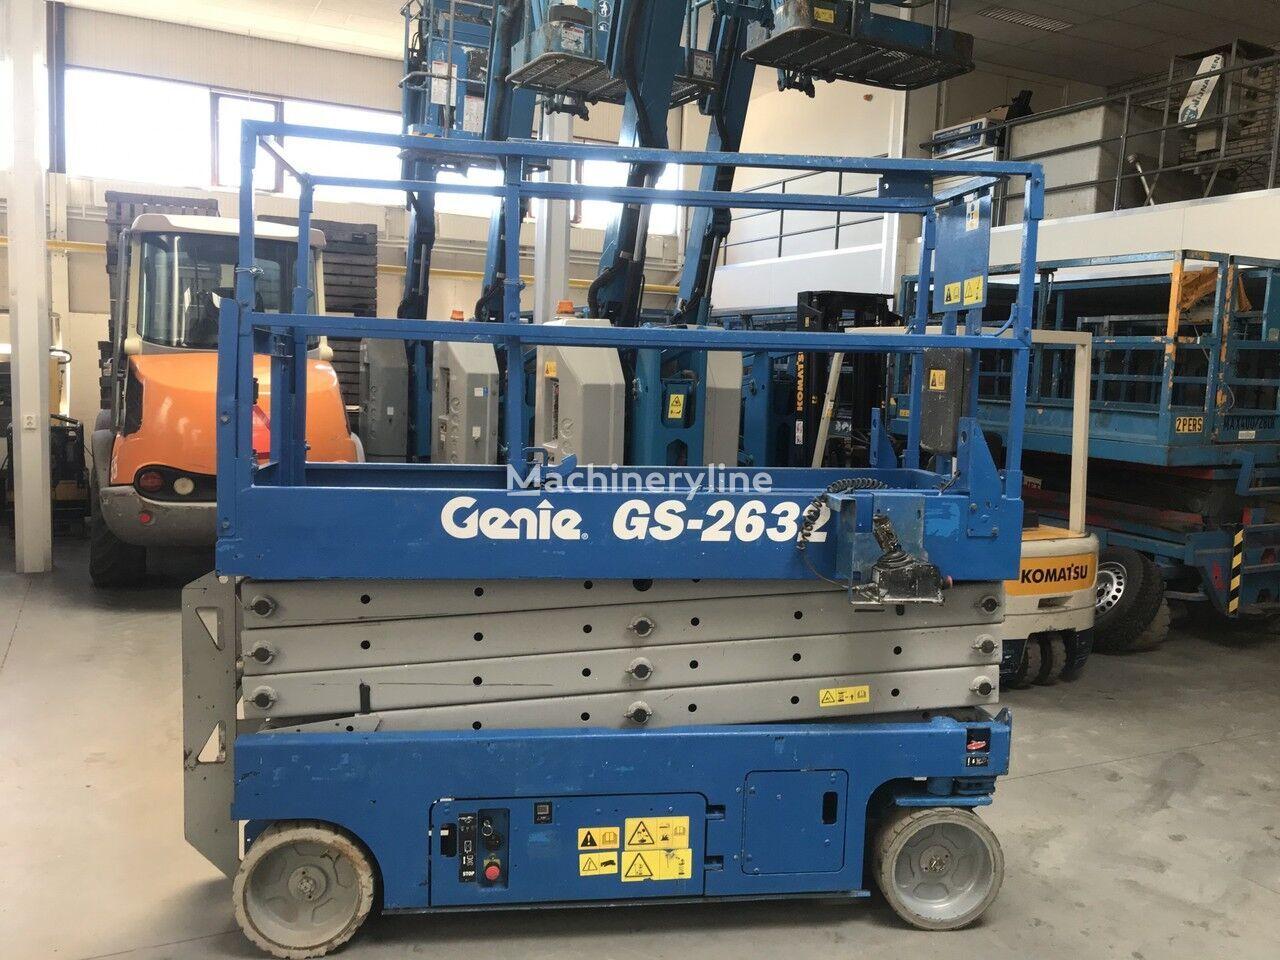 GENIE hoogwerker, schaarlift gs2632 scissor lift